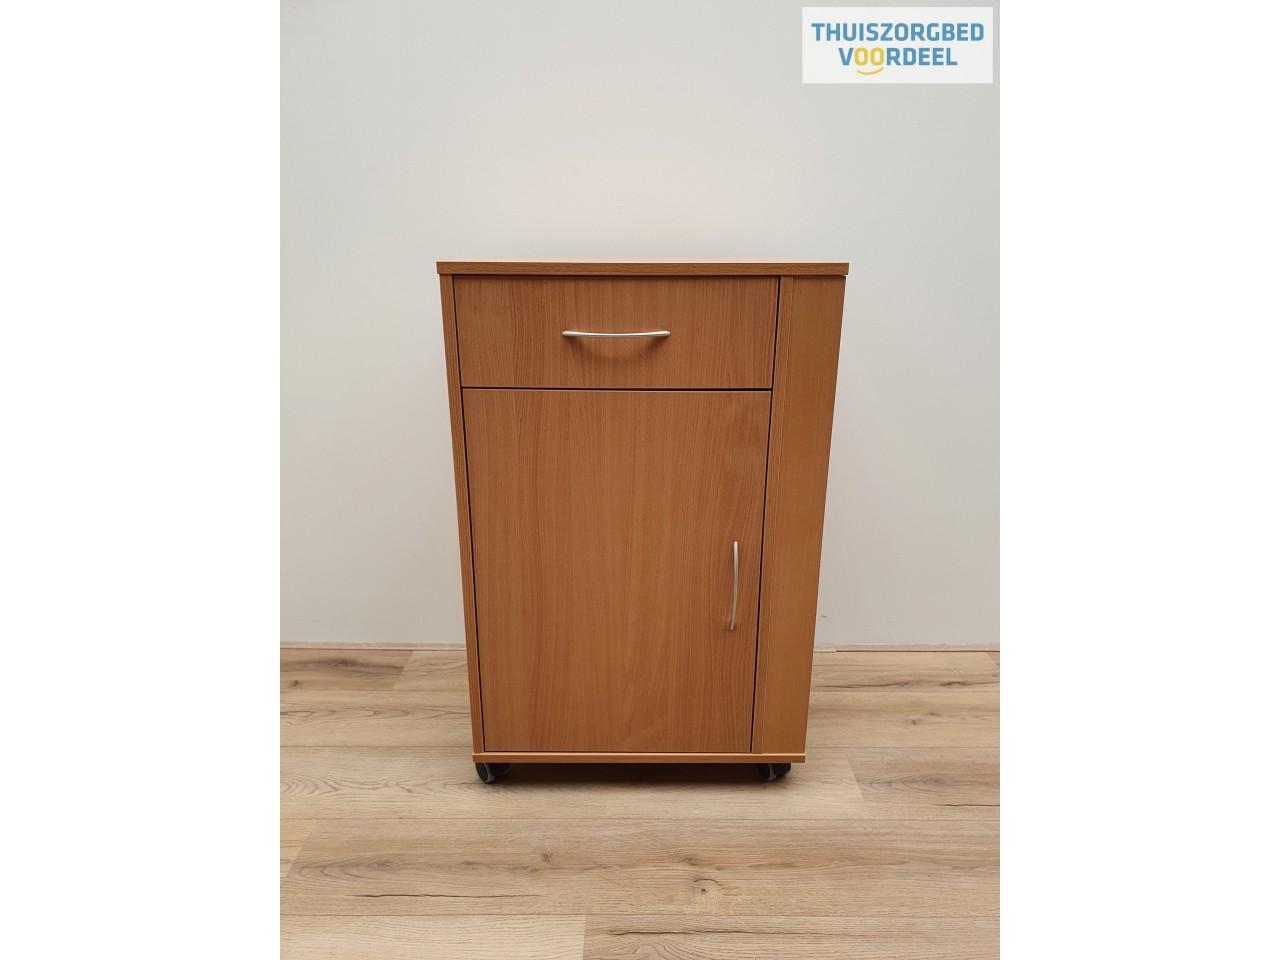 Nachtkastje Vermeiren -NIEUW- (238)